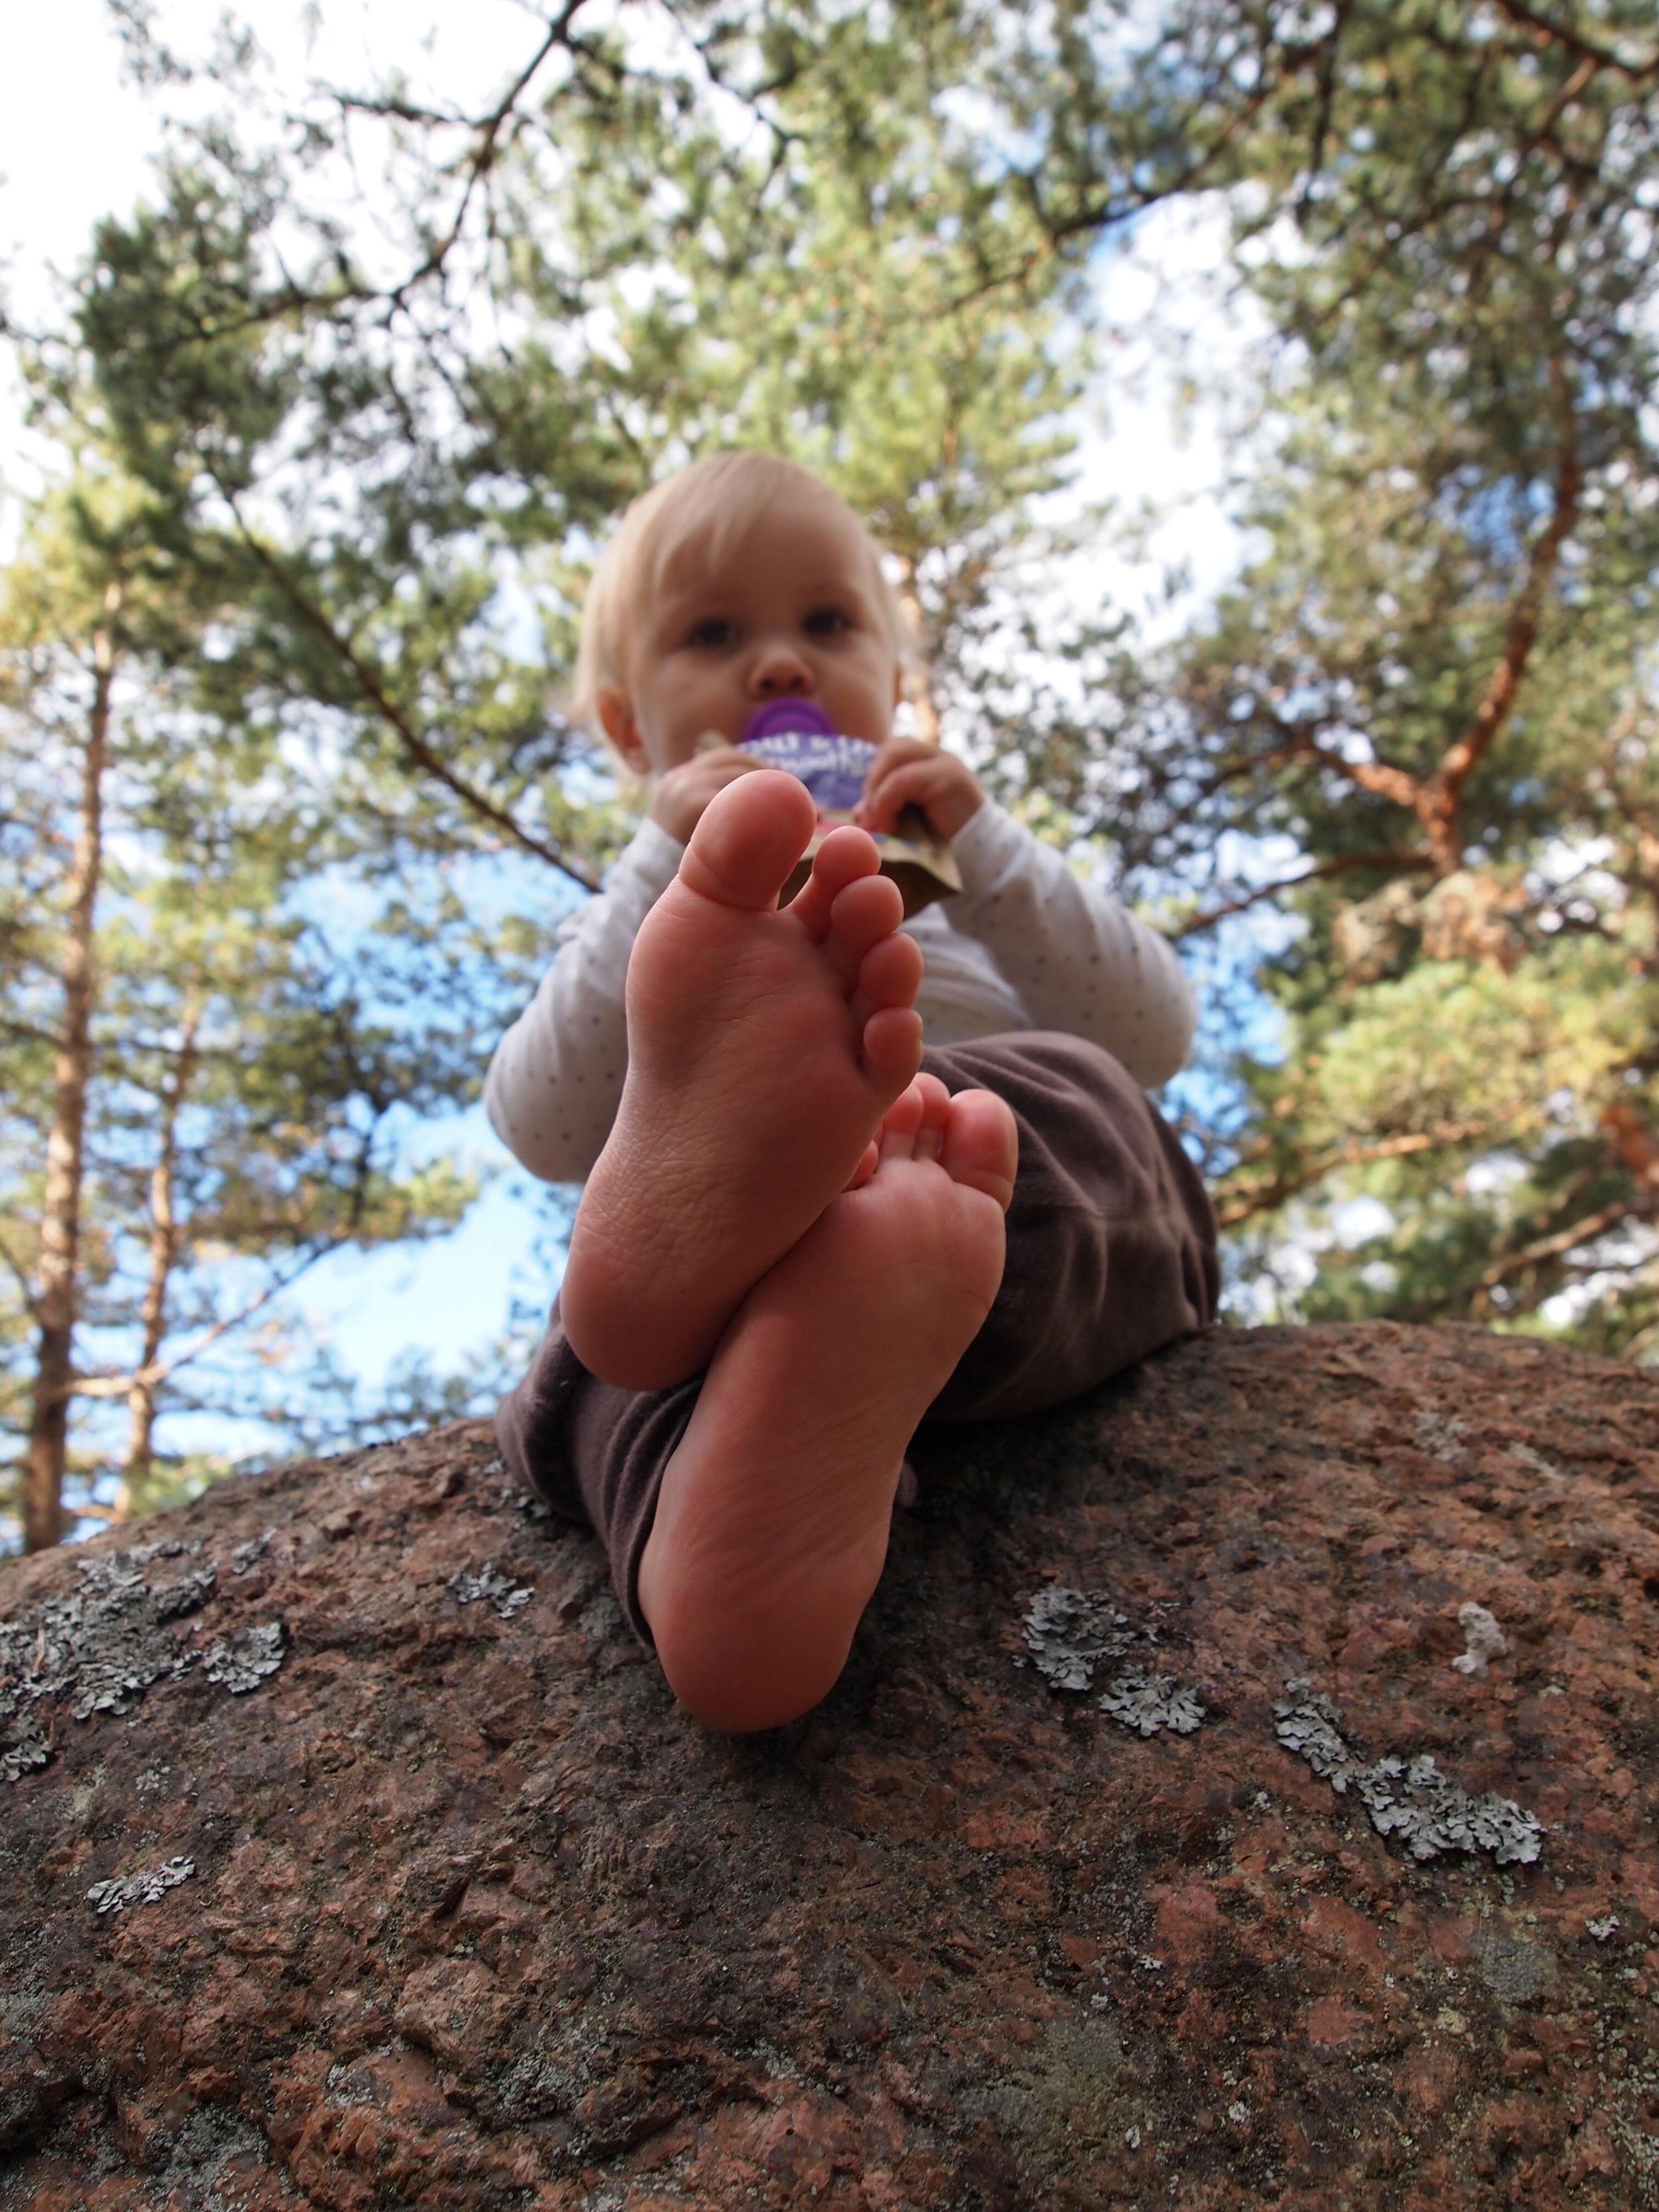 Äidin ei tarvitse nyt jännittää kuin sitä, että pysytkö sinä siellä kalliolla vai kieritkö alas..